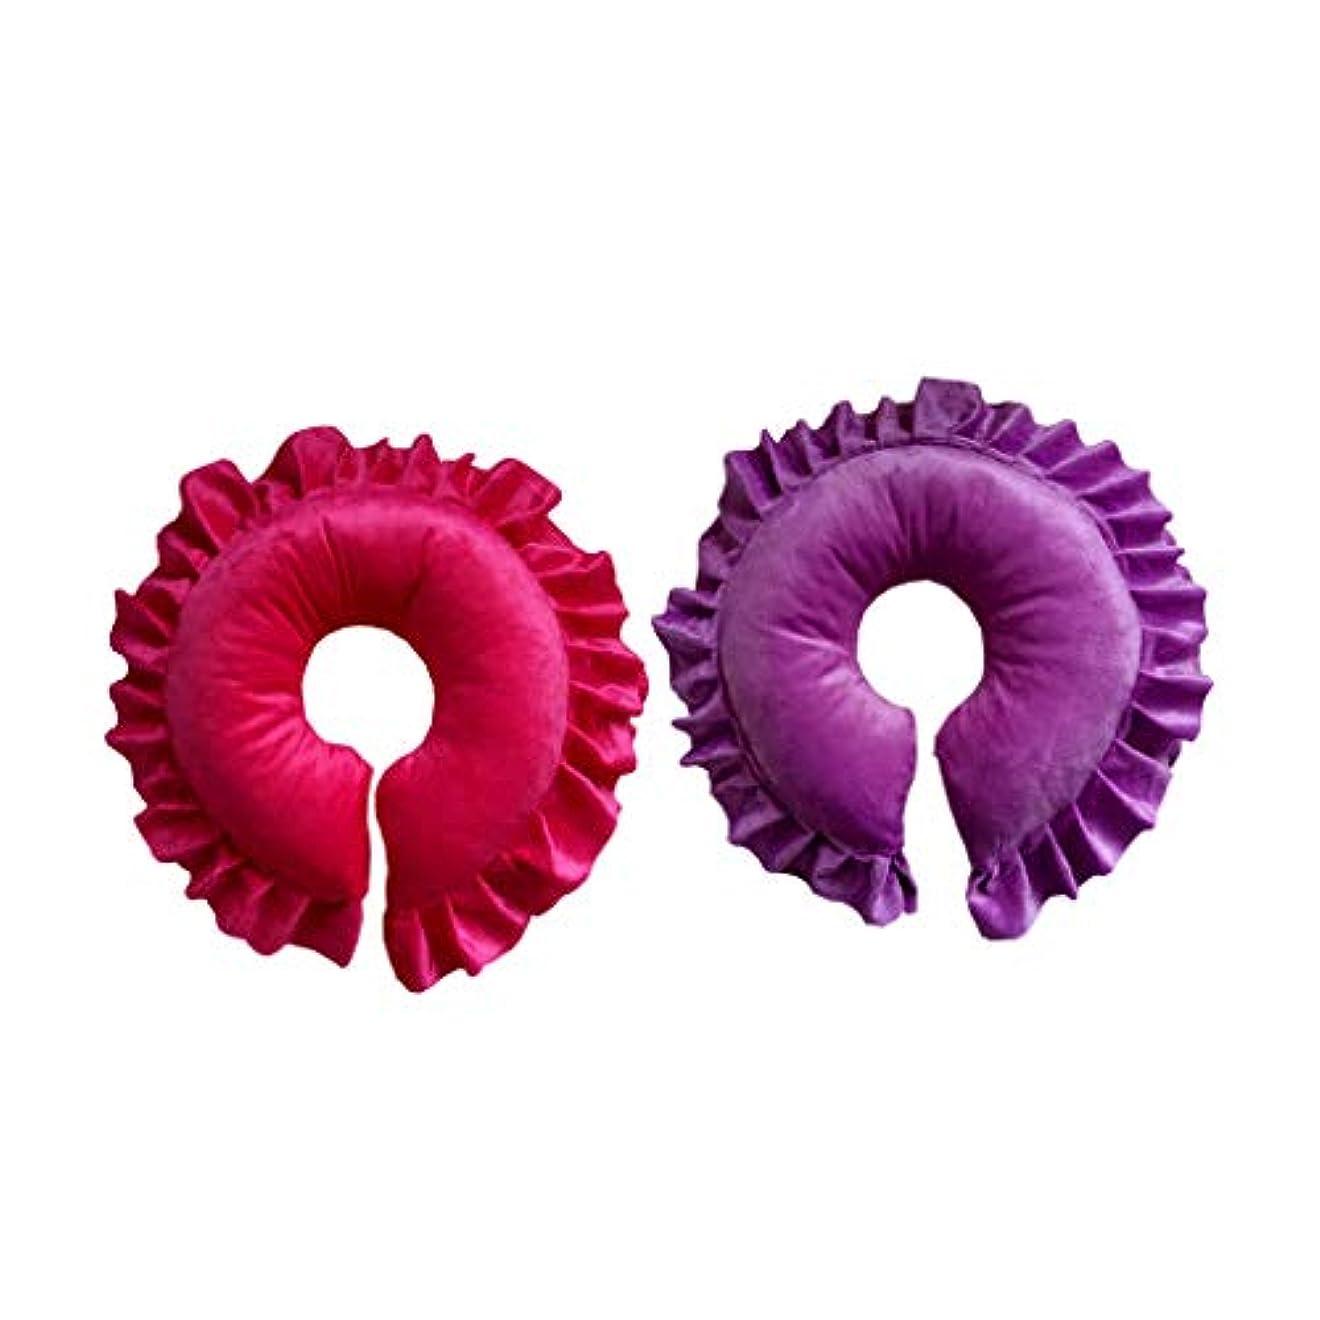 評論家お客様苦しめるsharprepublic マッサージ枕 フェイスピロー マッサージクッション サロン スパ 快適 実用的 紫&赤 2個入り